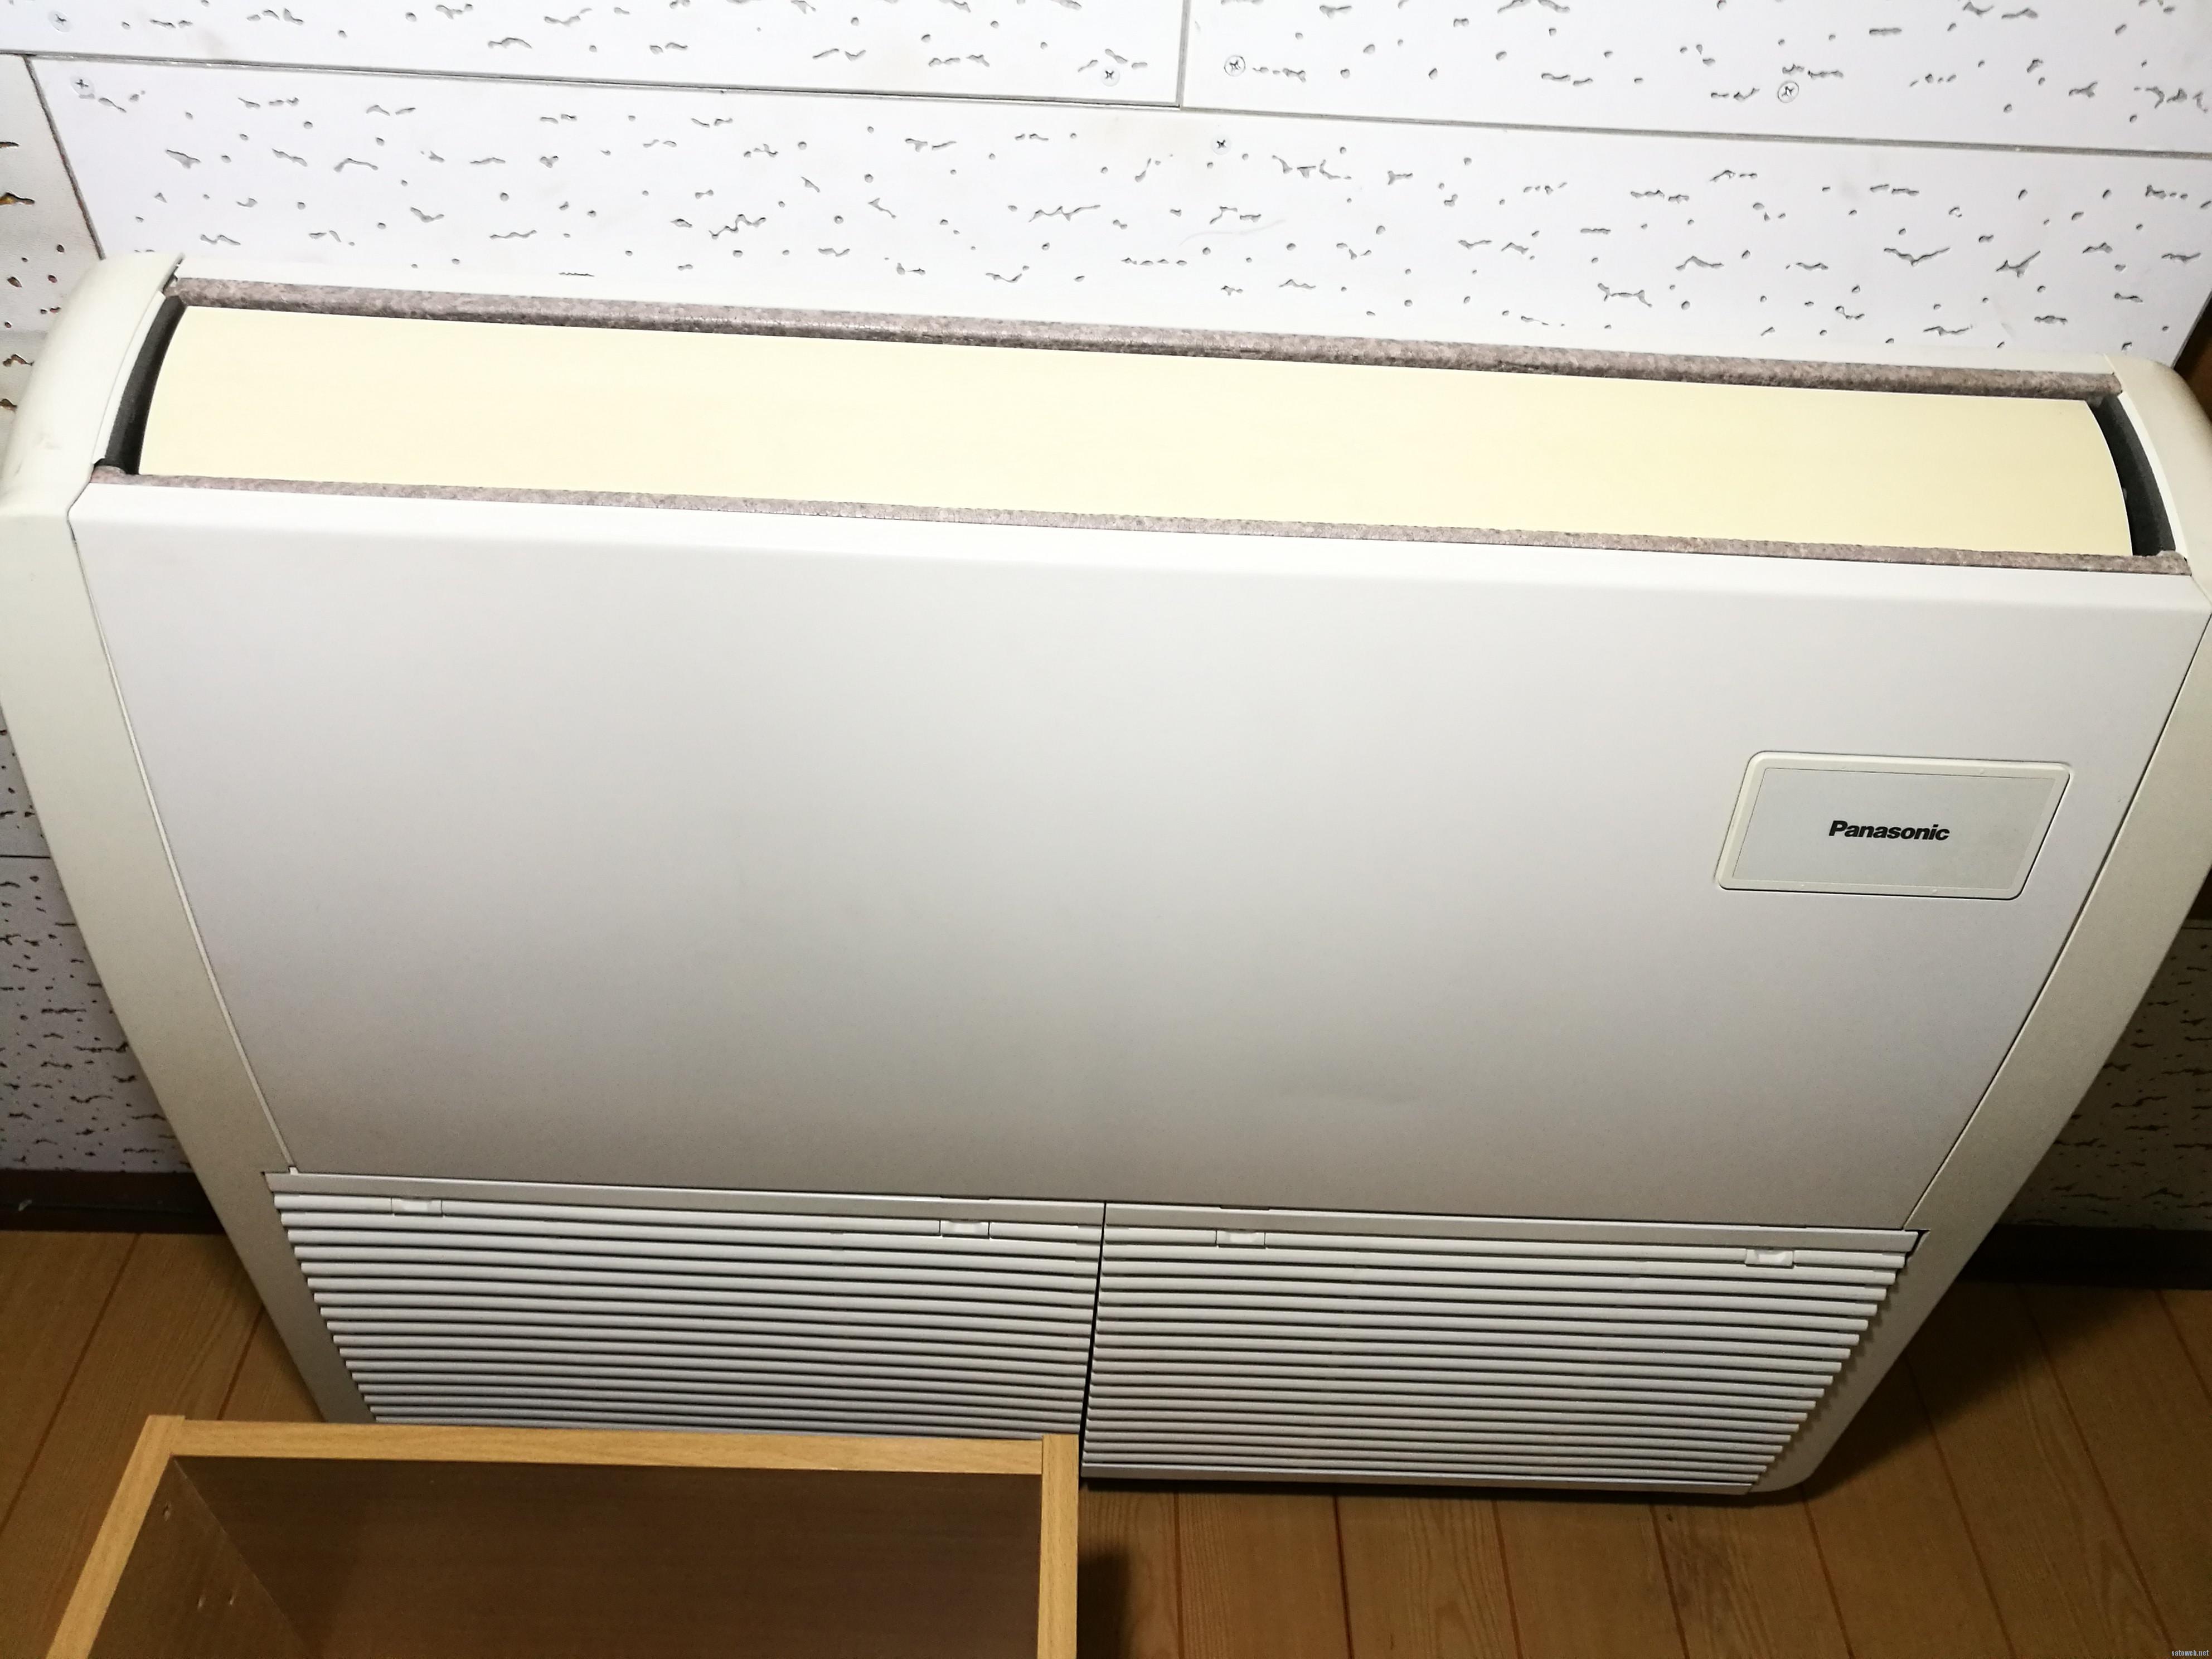 自宅サーバのエアコン光熱費削減のために動力(低圧電力)を引いてみる その4 機器設置編 #自宅ラック